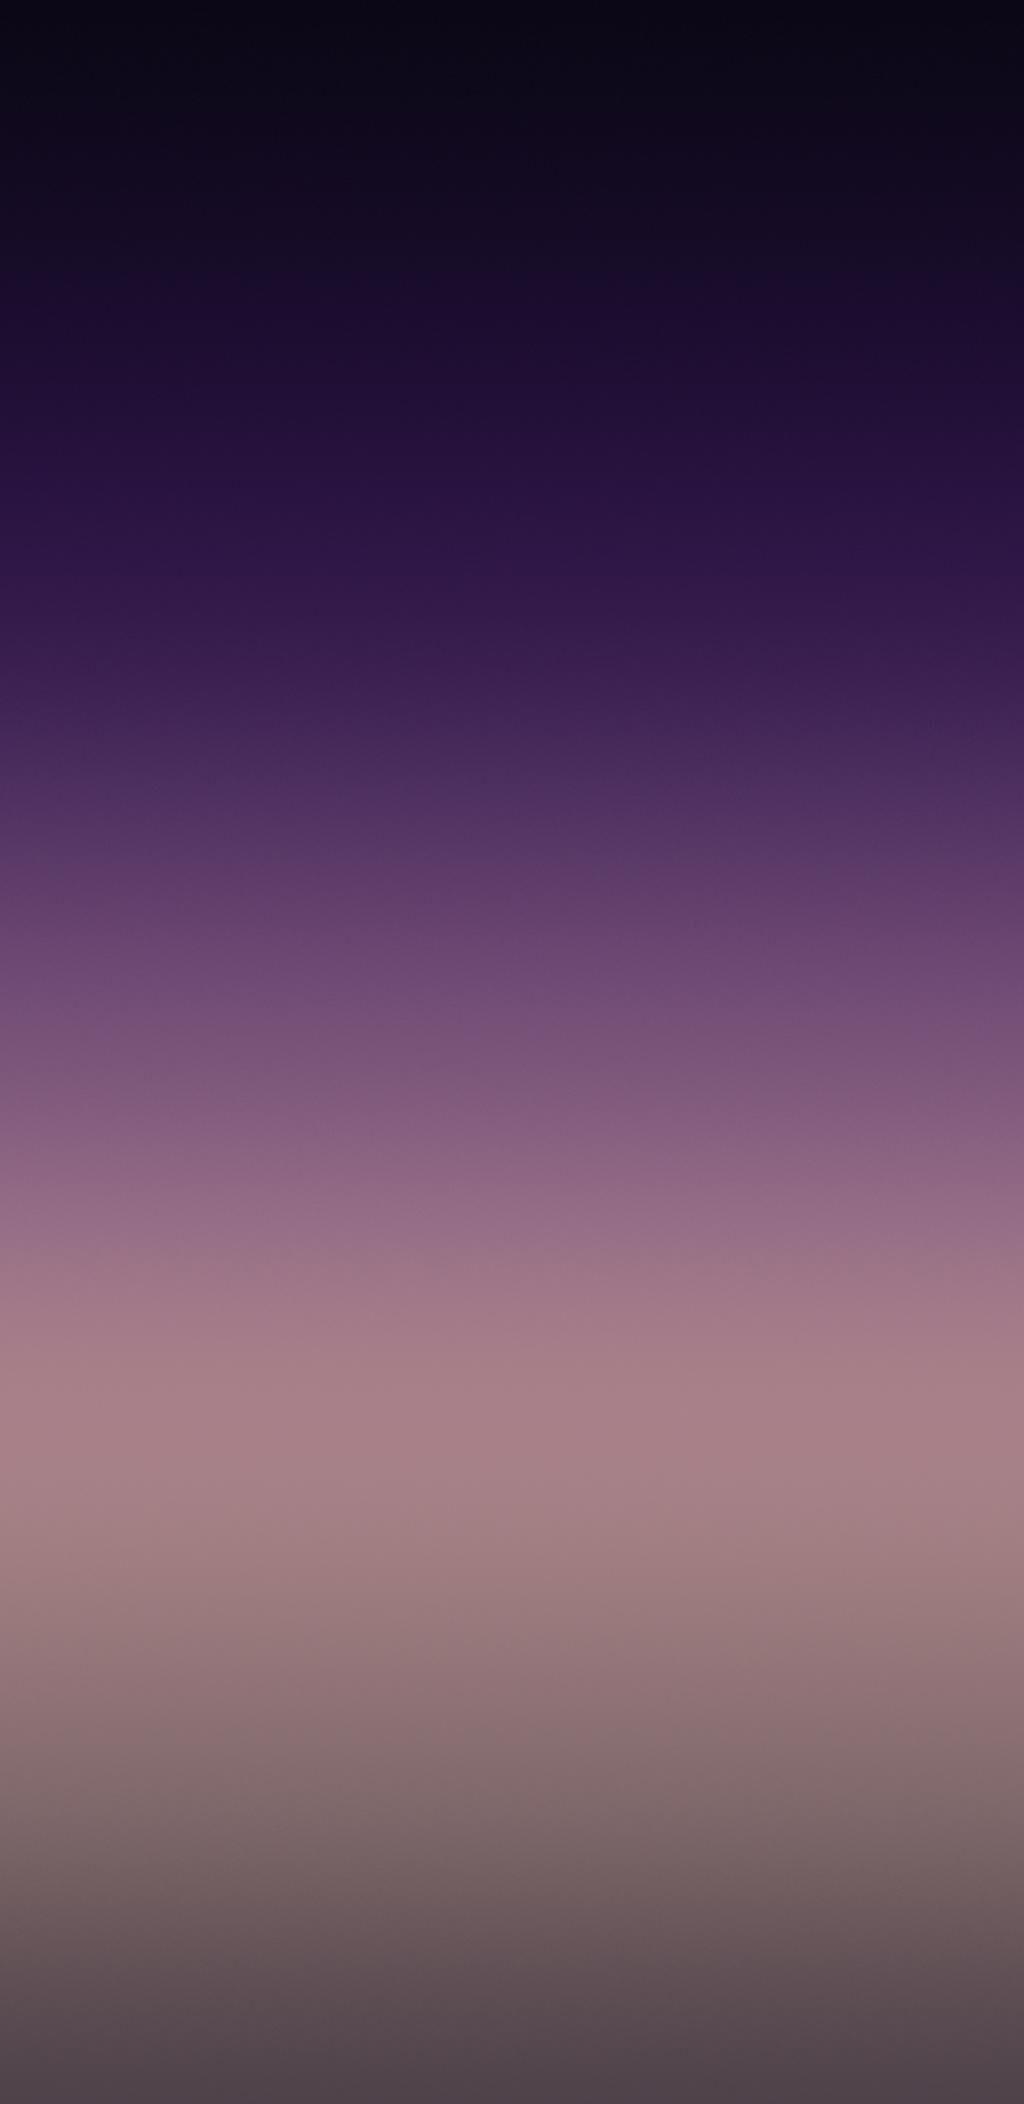 ライン壁紙お市ゃ私はギャラクシーs8紫色の背景 ロック画面の画像 Hdの携帯電話の壁紙 代替泣きます 壁紙